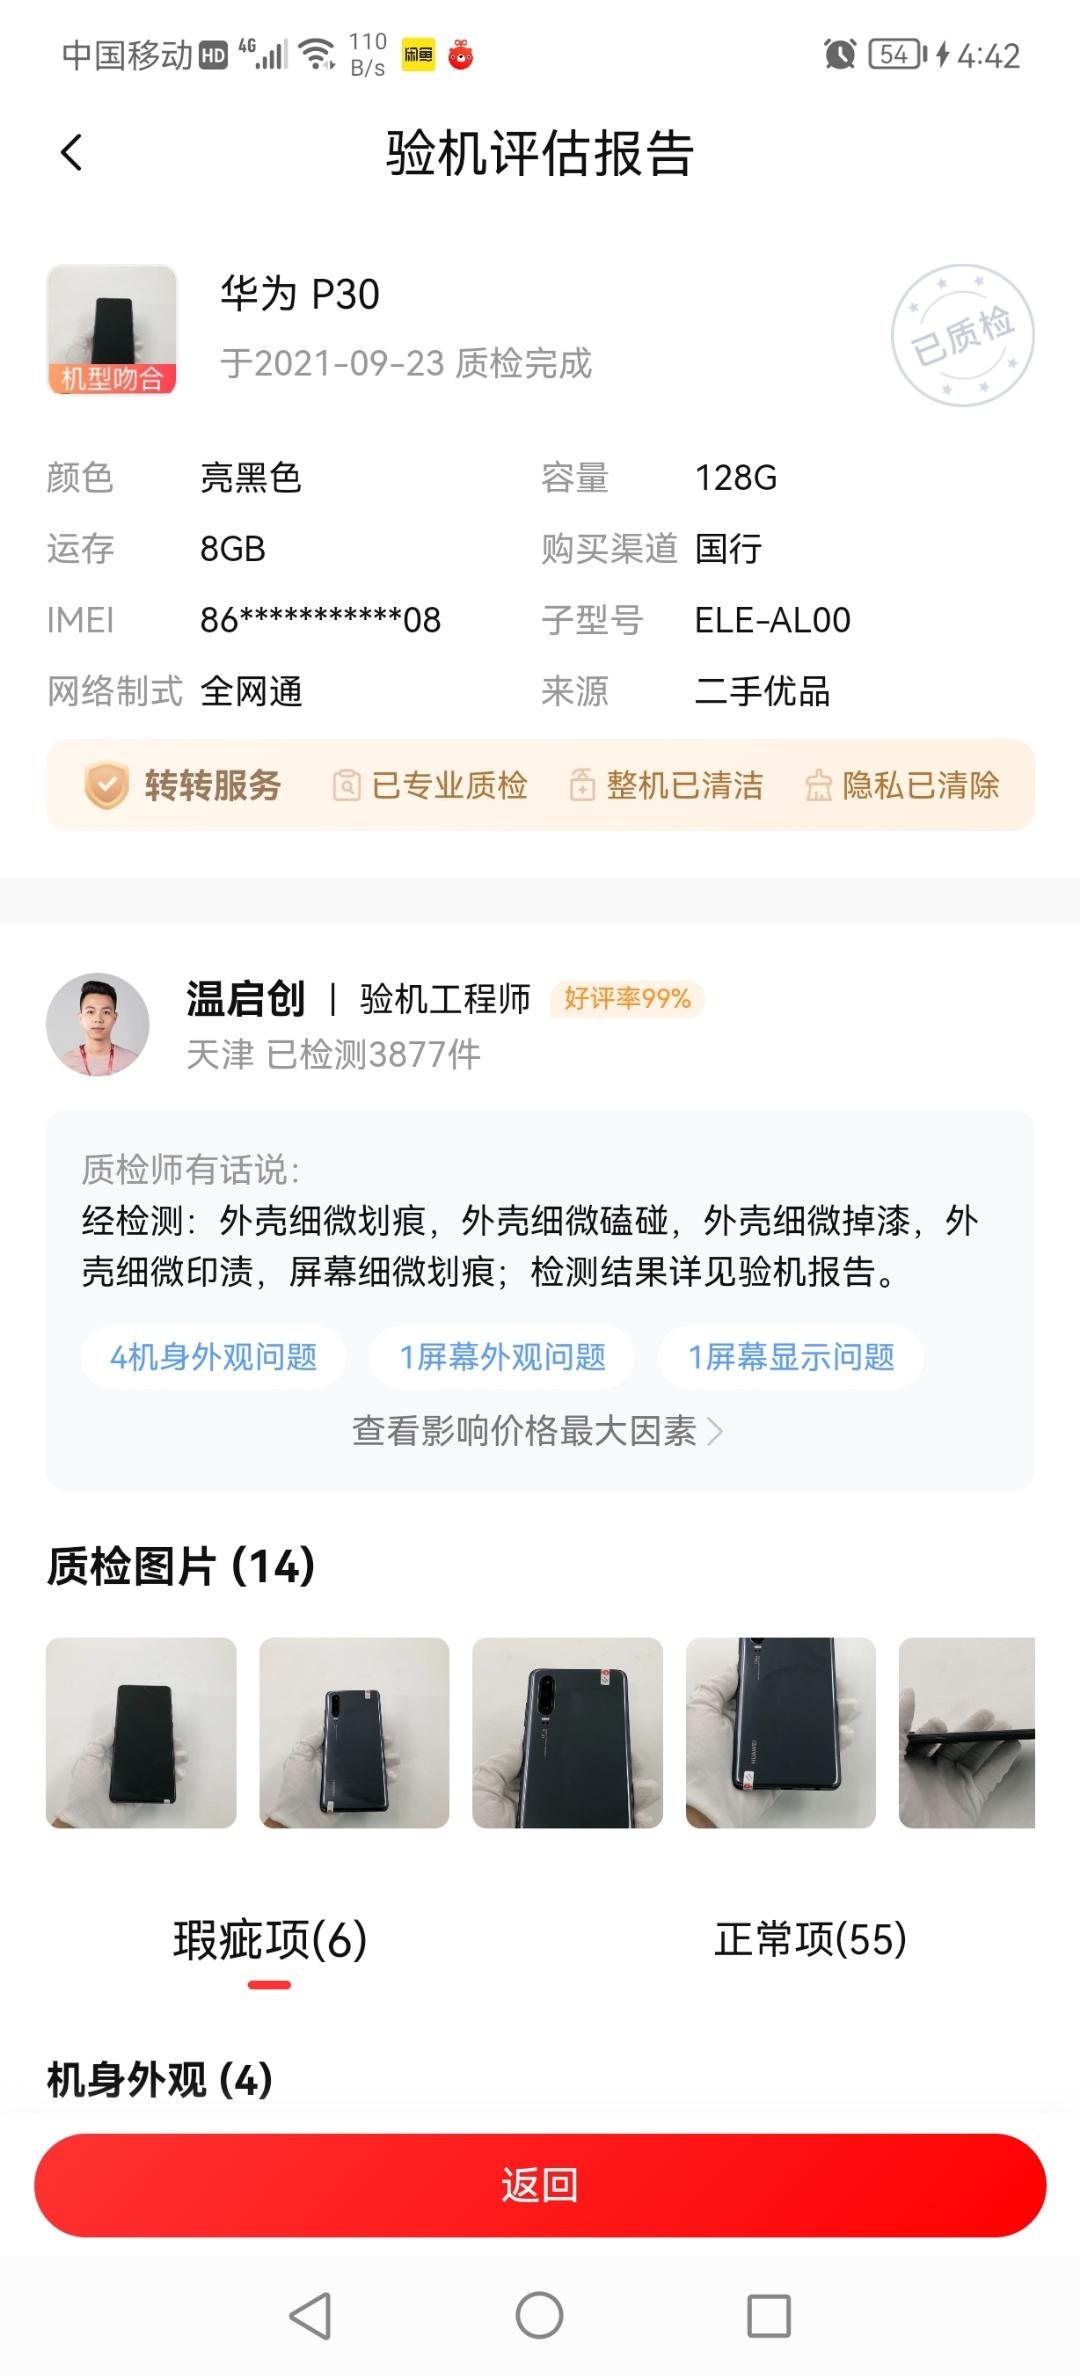 Screenshot_20210923_164233_com.wuba.zhuanzhuan.jpg